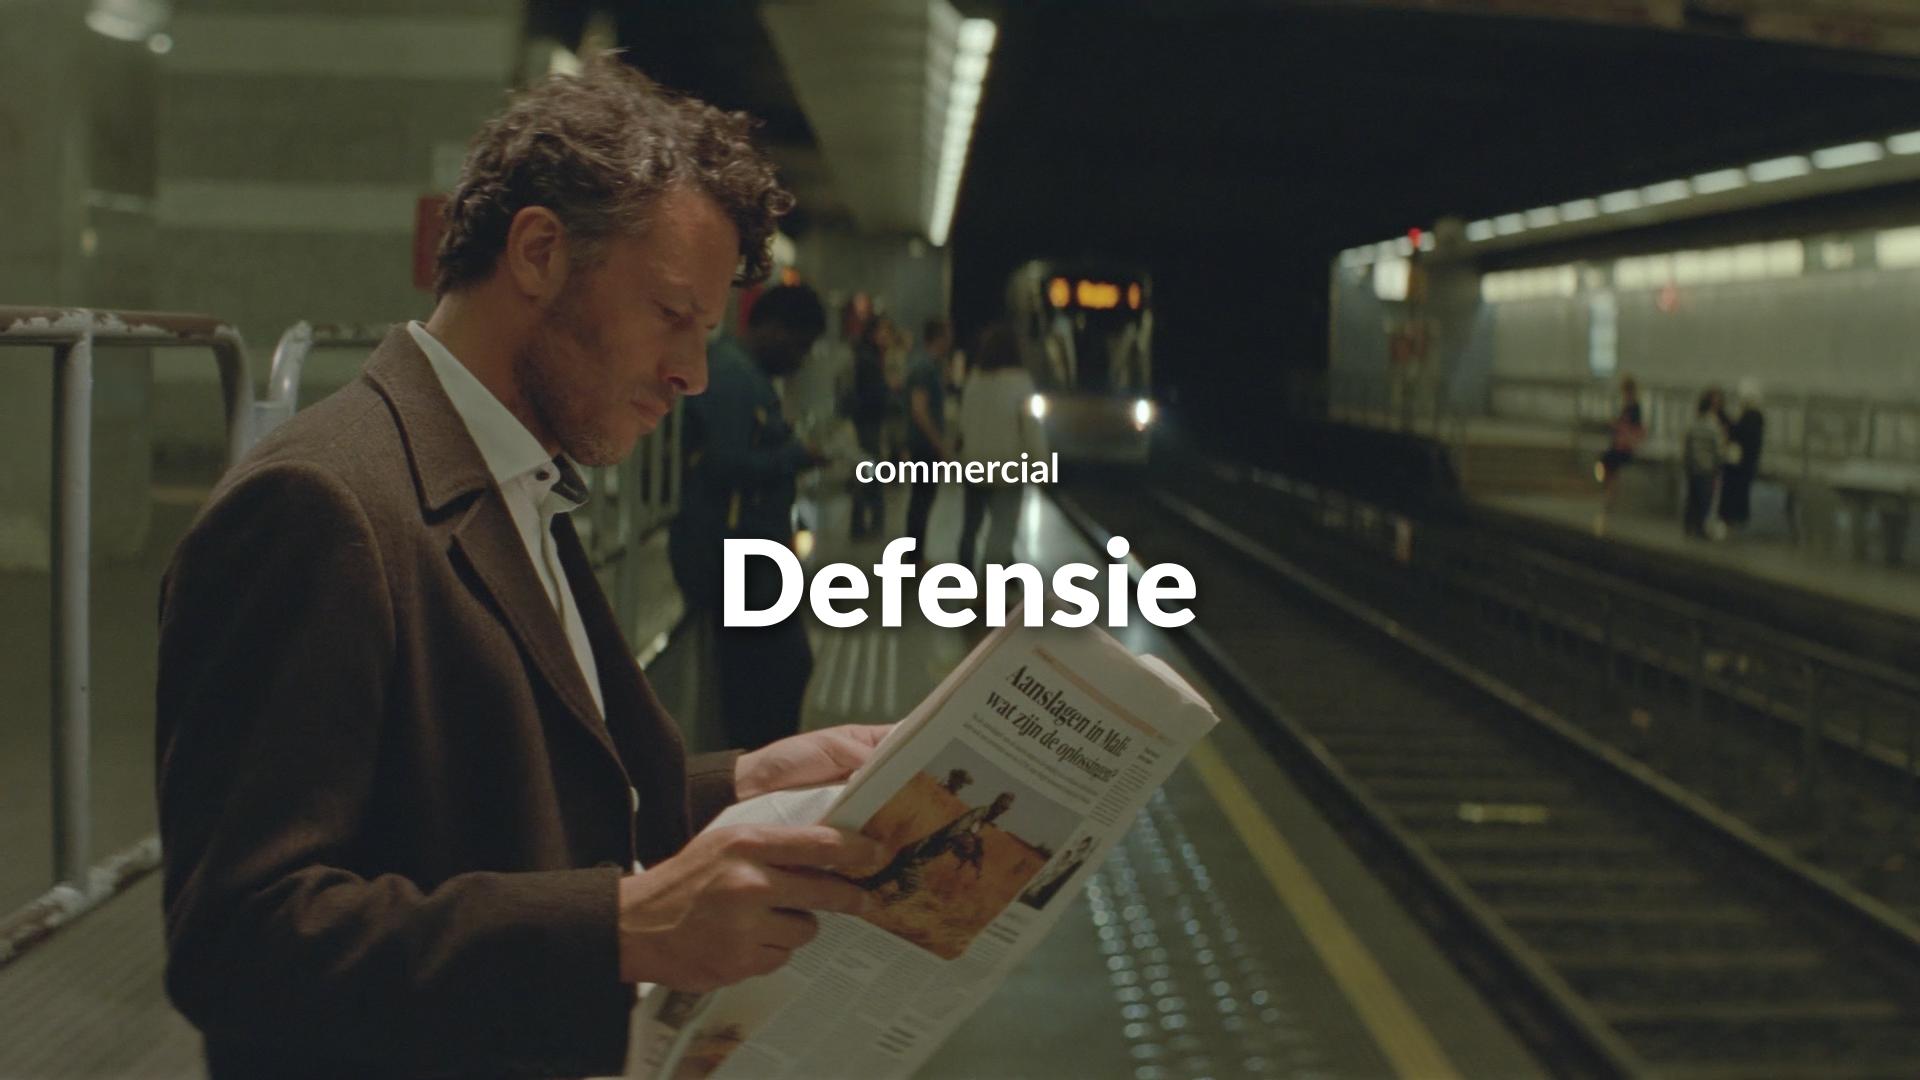 Defensie_00000.png